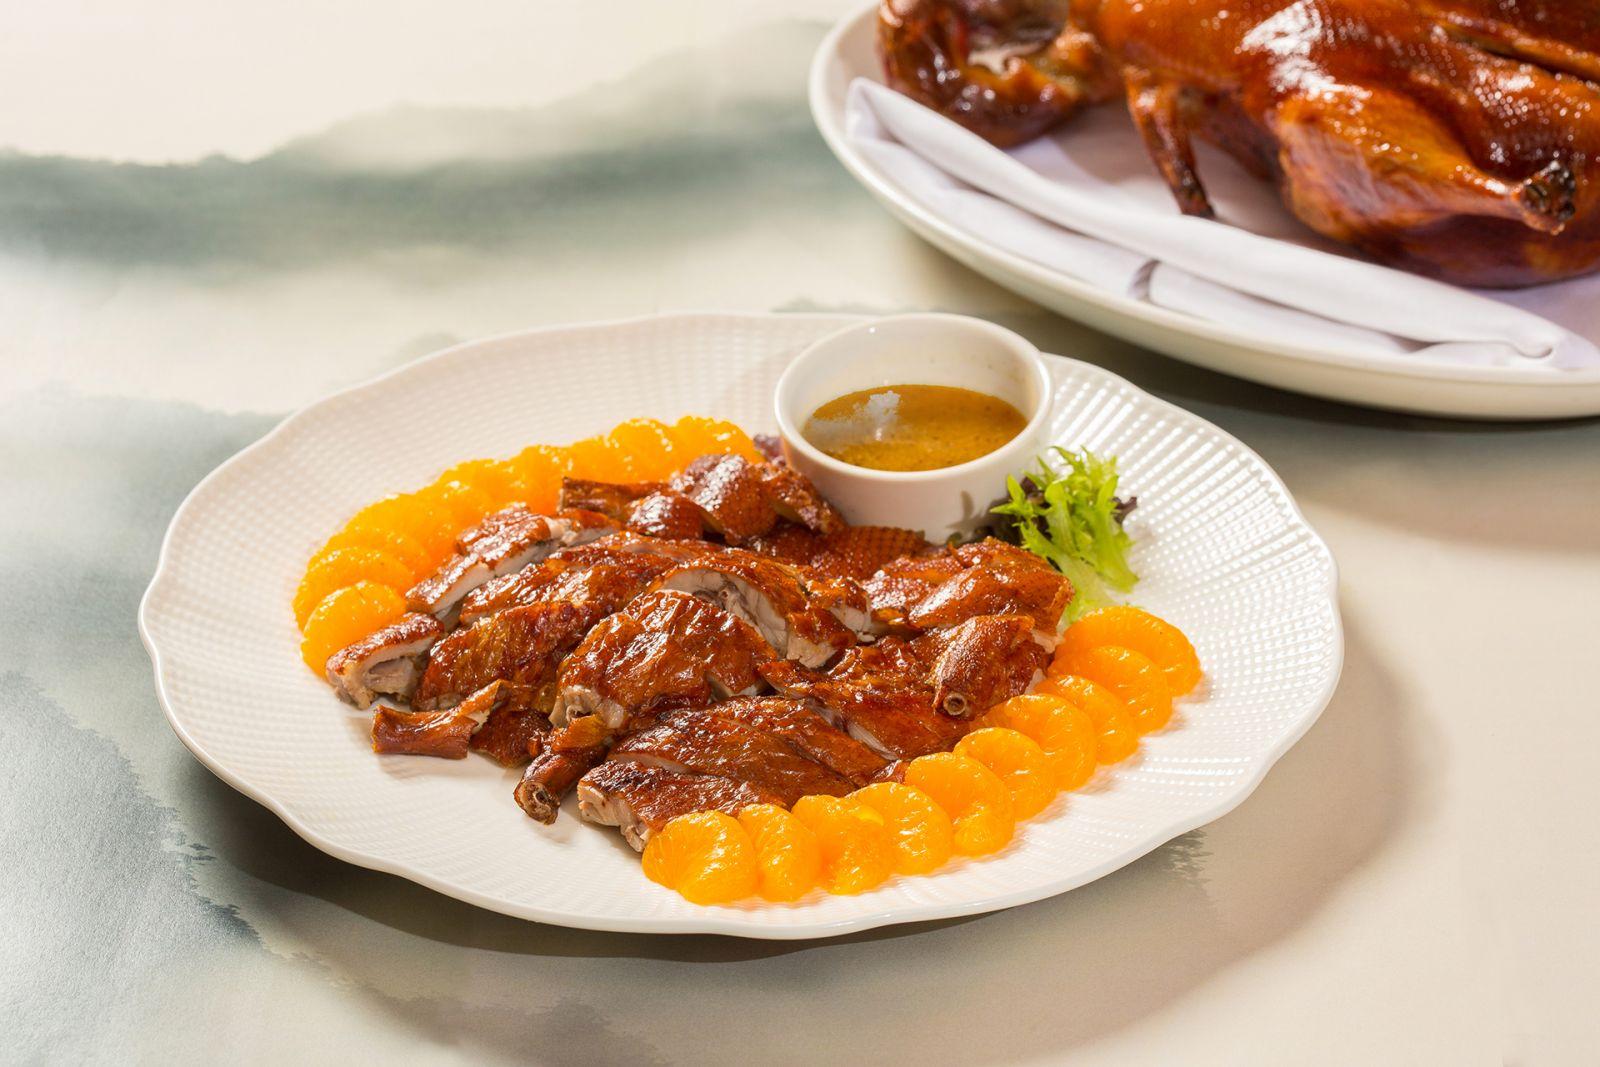 【粵菜廳】米其林推薦國賓粵菜廳 十四道粵菜港點美味上市